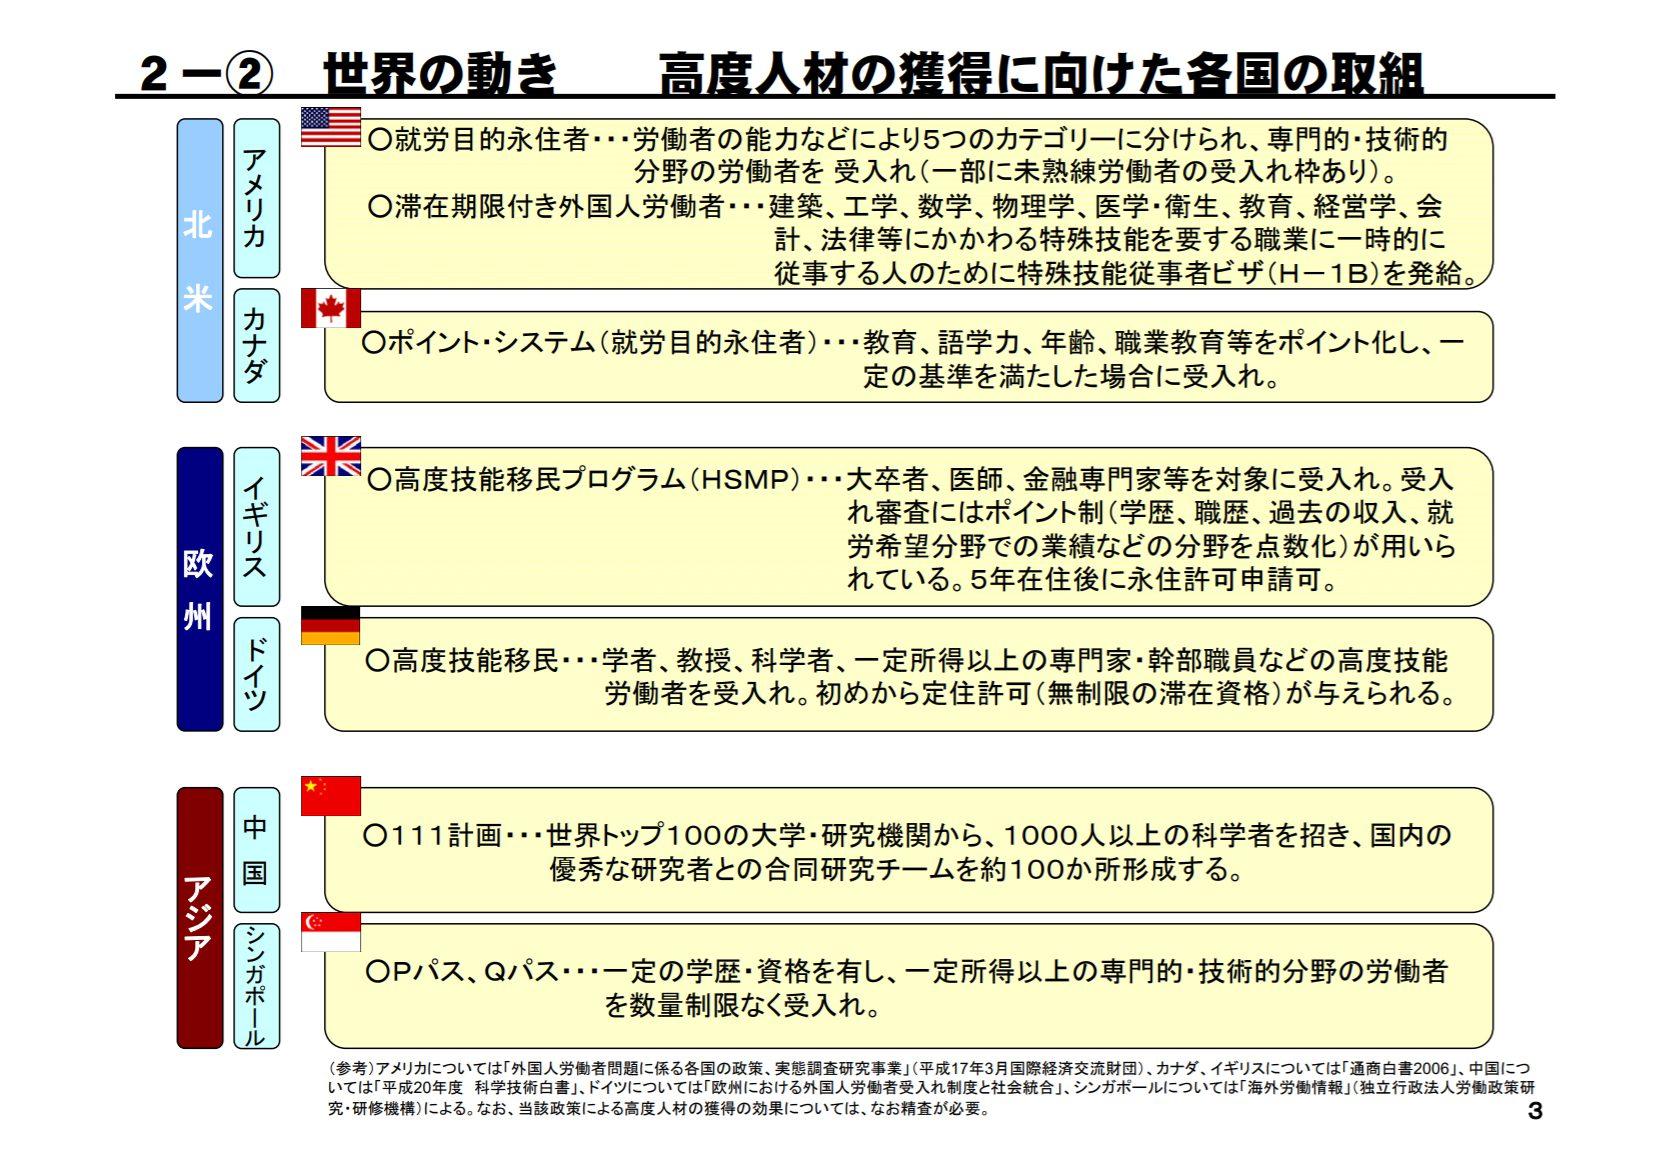 出典元:内閣府発表「高度人材の受入れの現状と課題(資料2)」平成20年12月2日 より抜粋引用